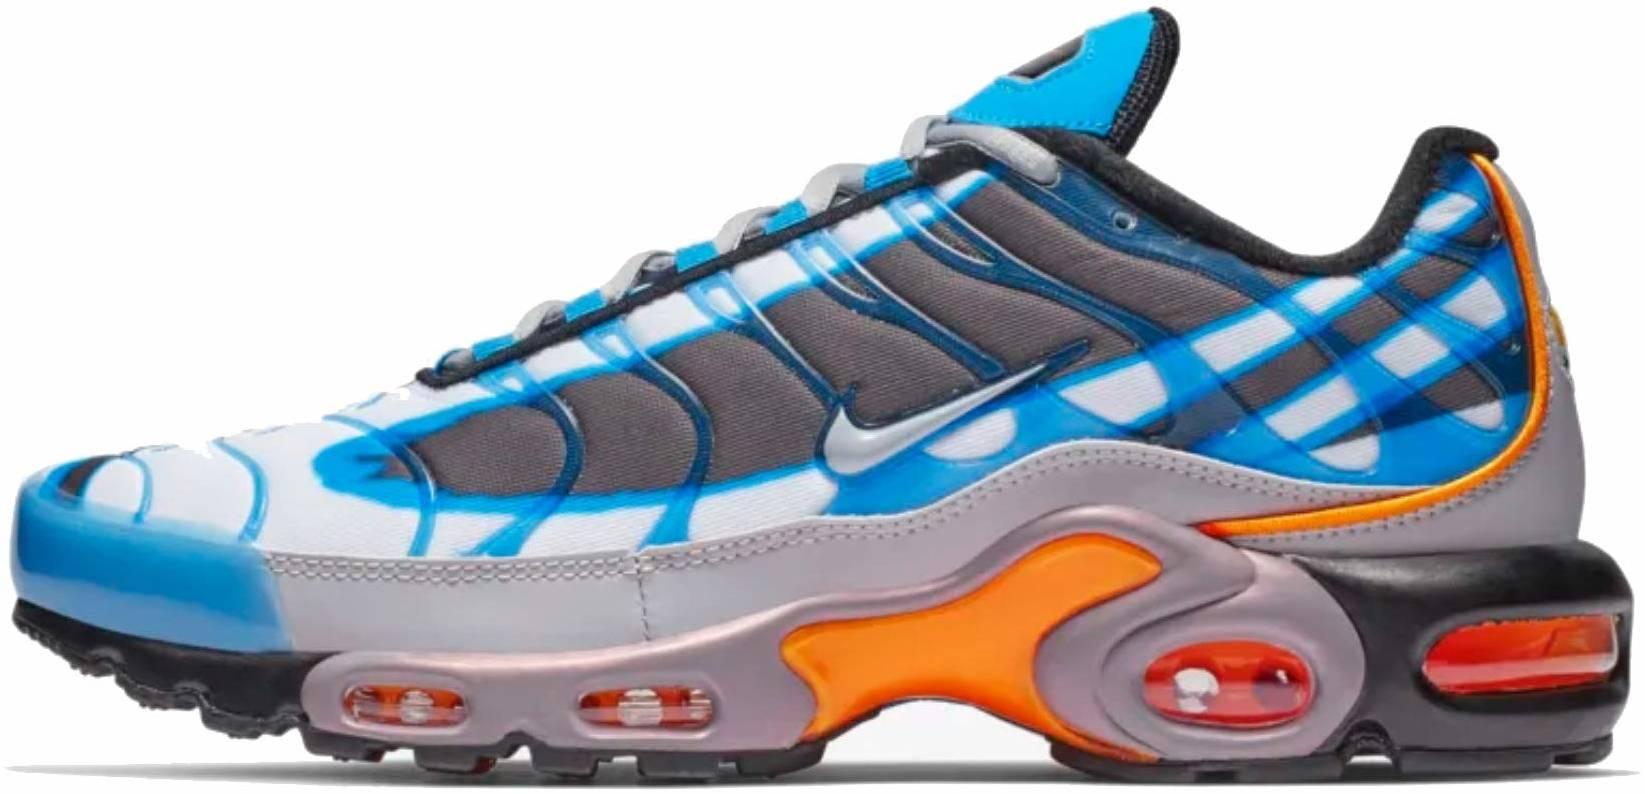 Nike Air Max Plus Premium sneakers in blue (only $150)   RunRepeat